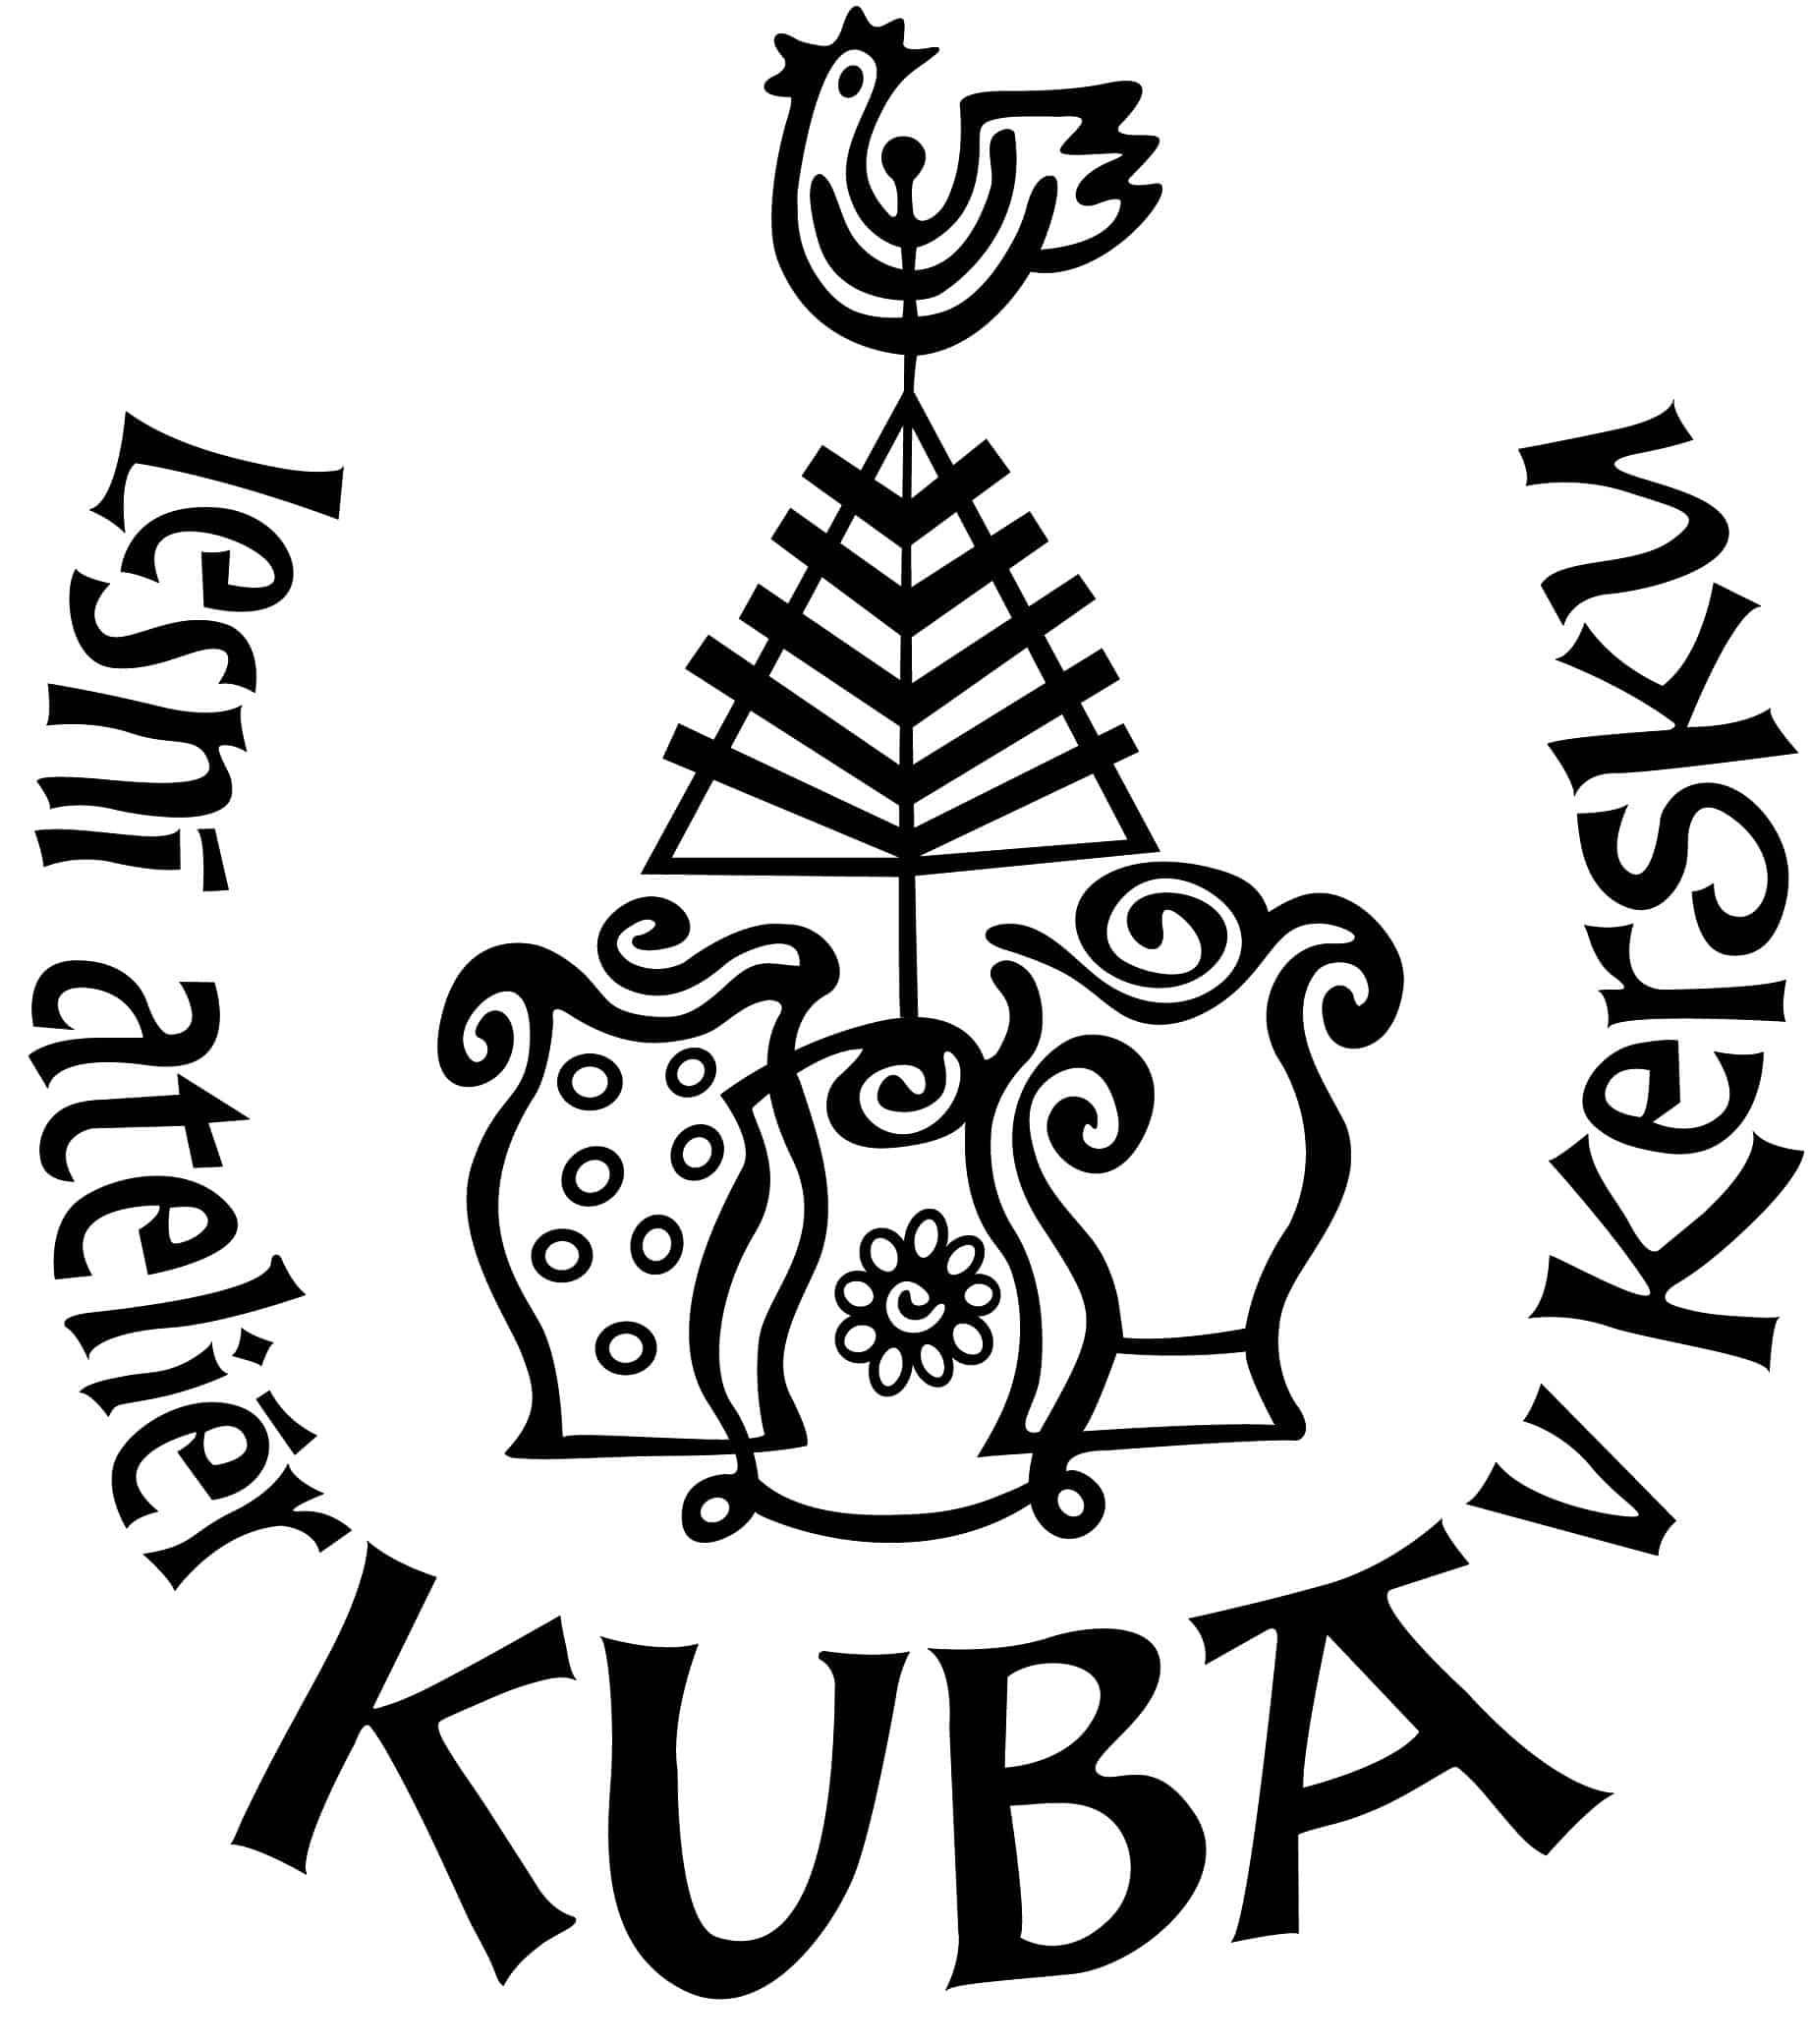 Lesní ateliér Kuba